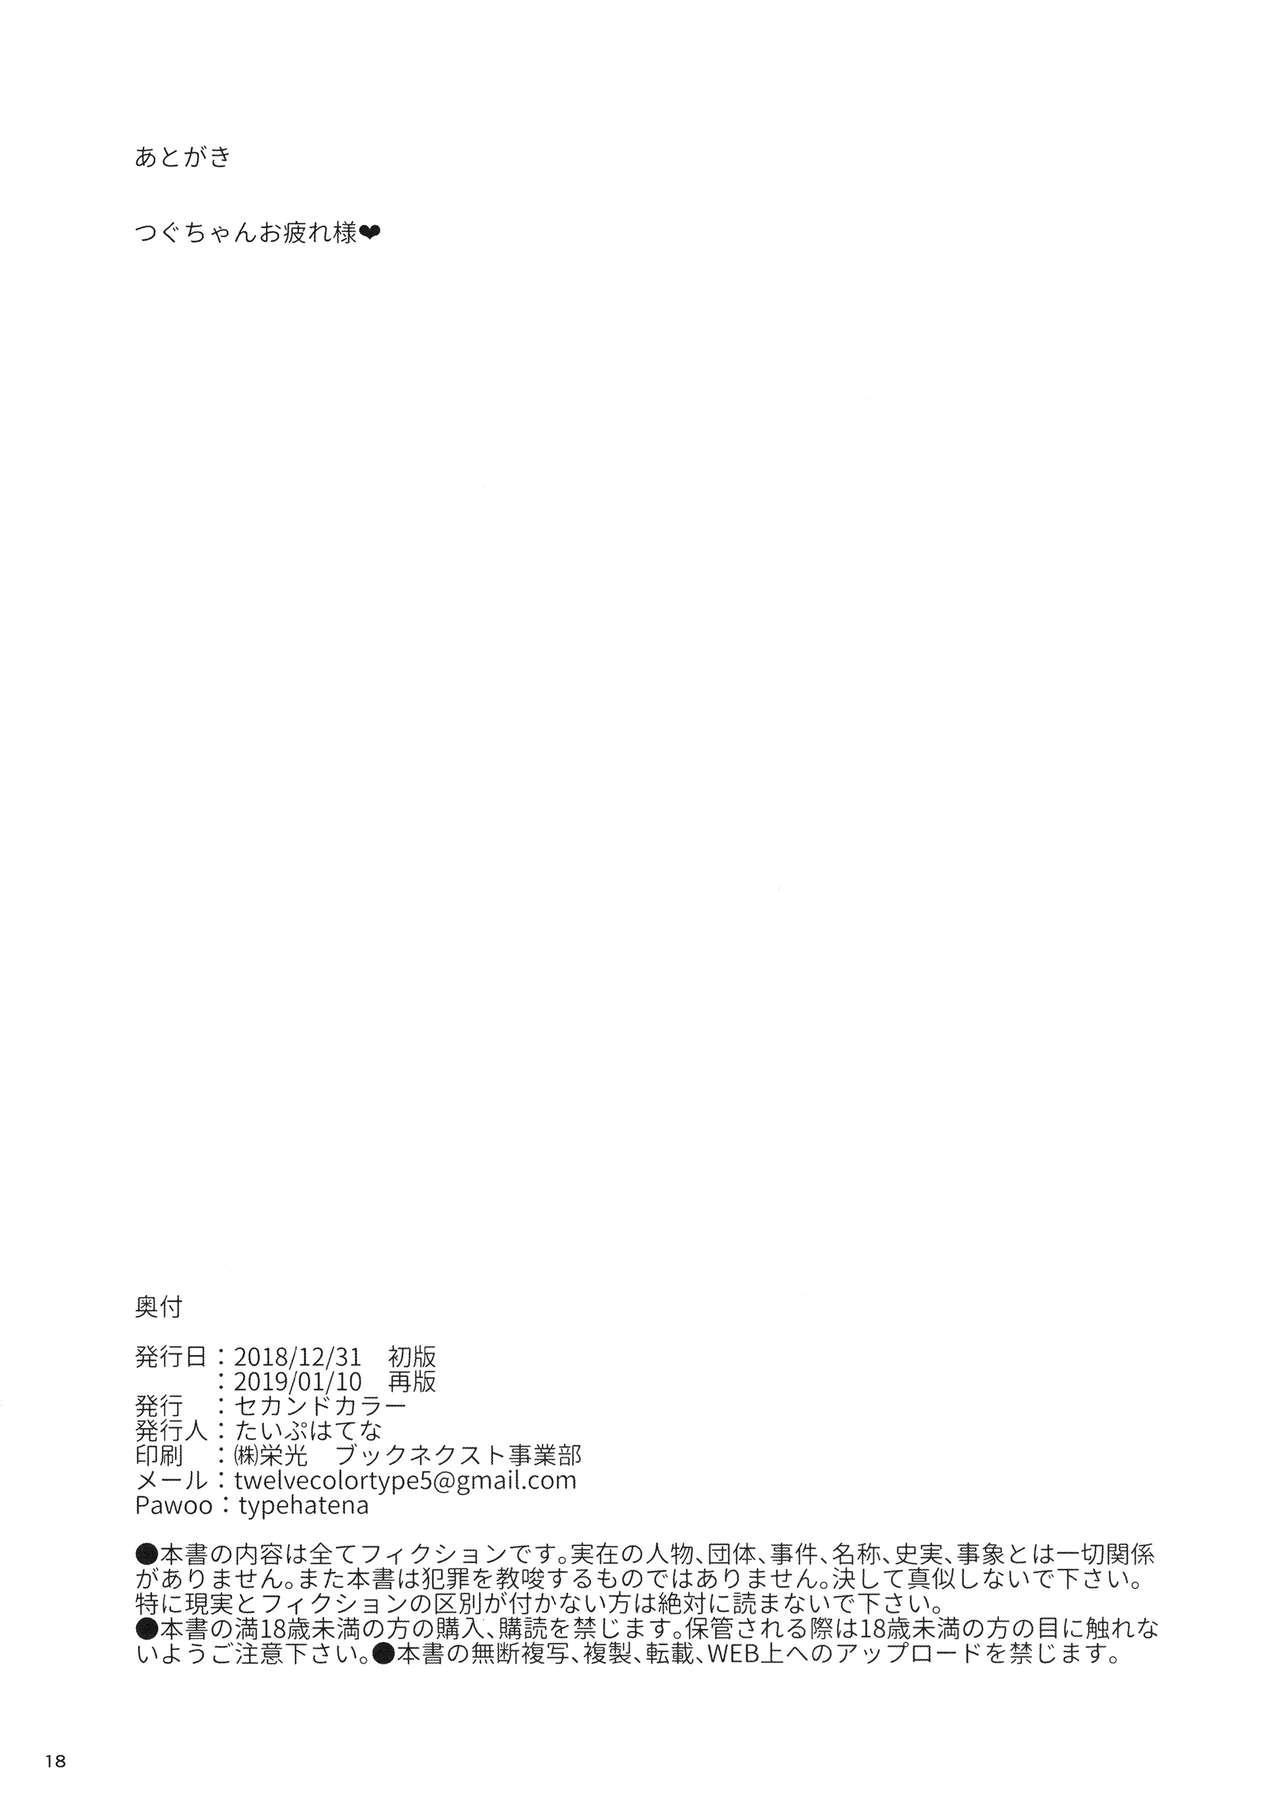 Tsugu-chan ga Kowareru made Asonda yo 17